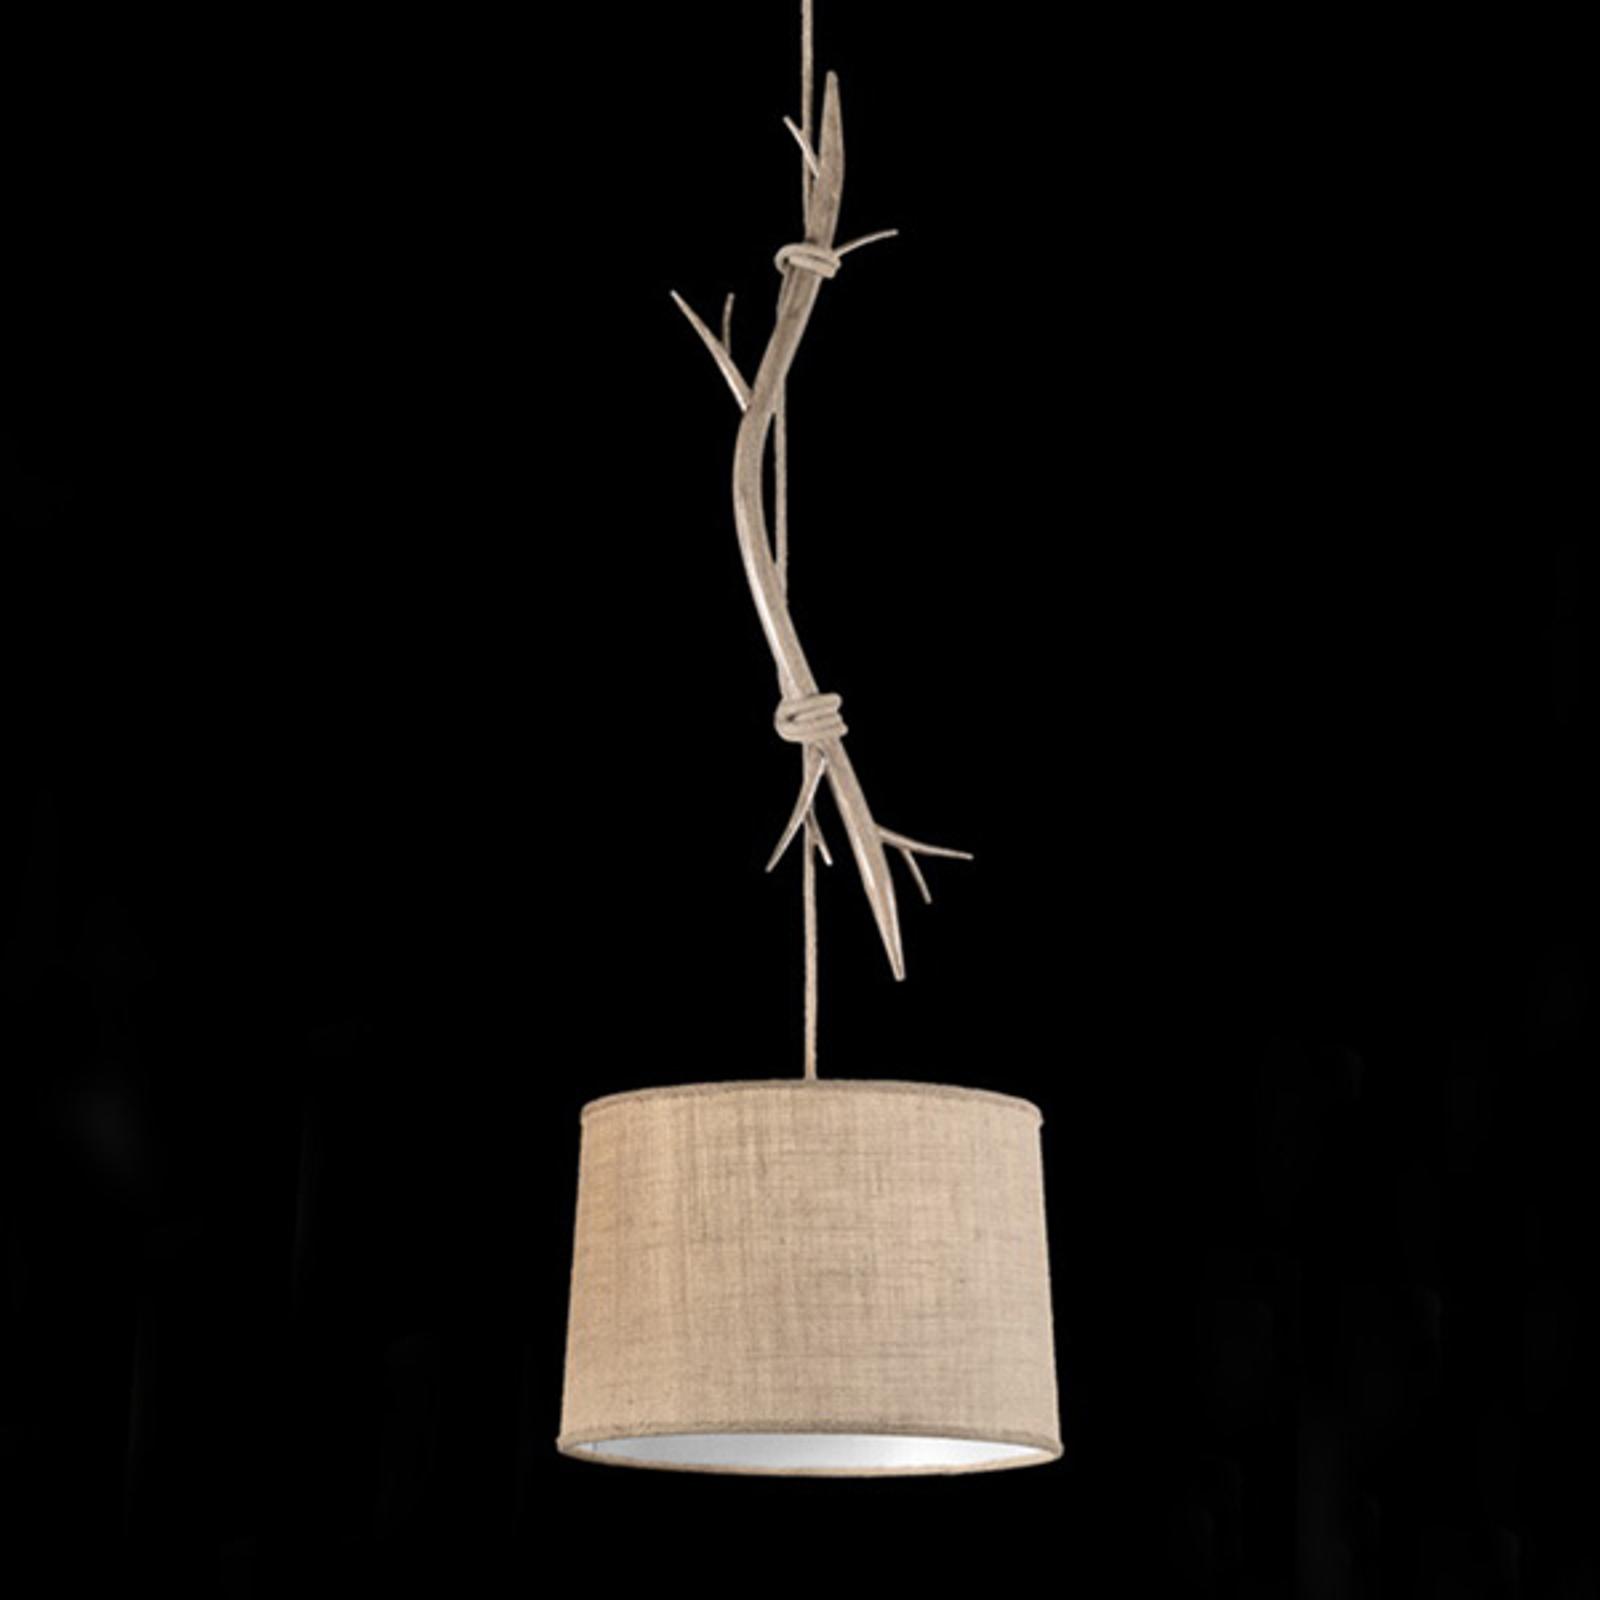 Hanglamp Sabina met stoffen kap, 1-lamp, 35 cm